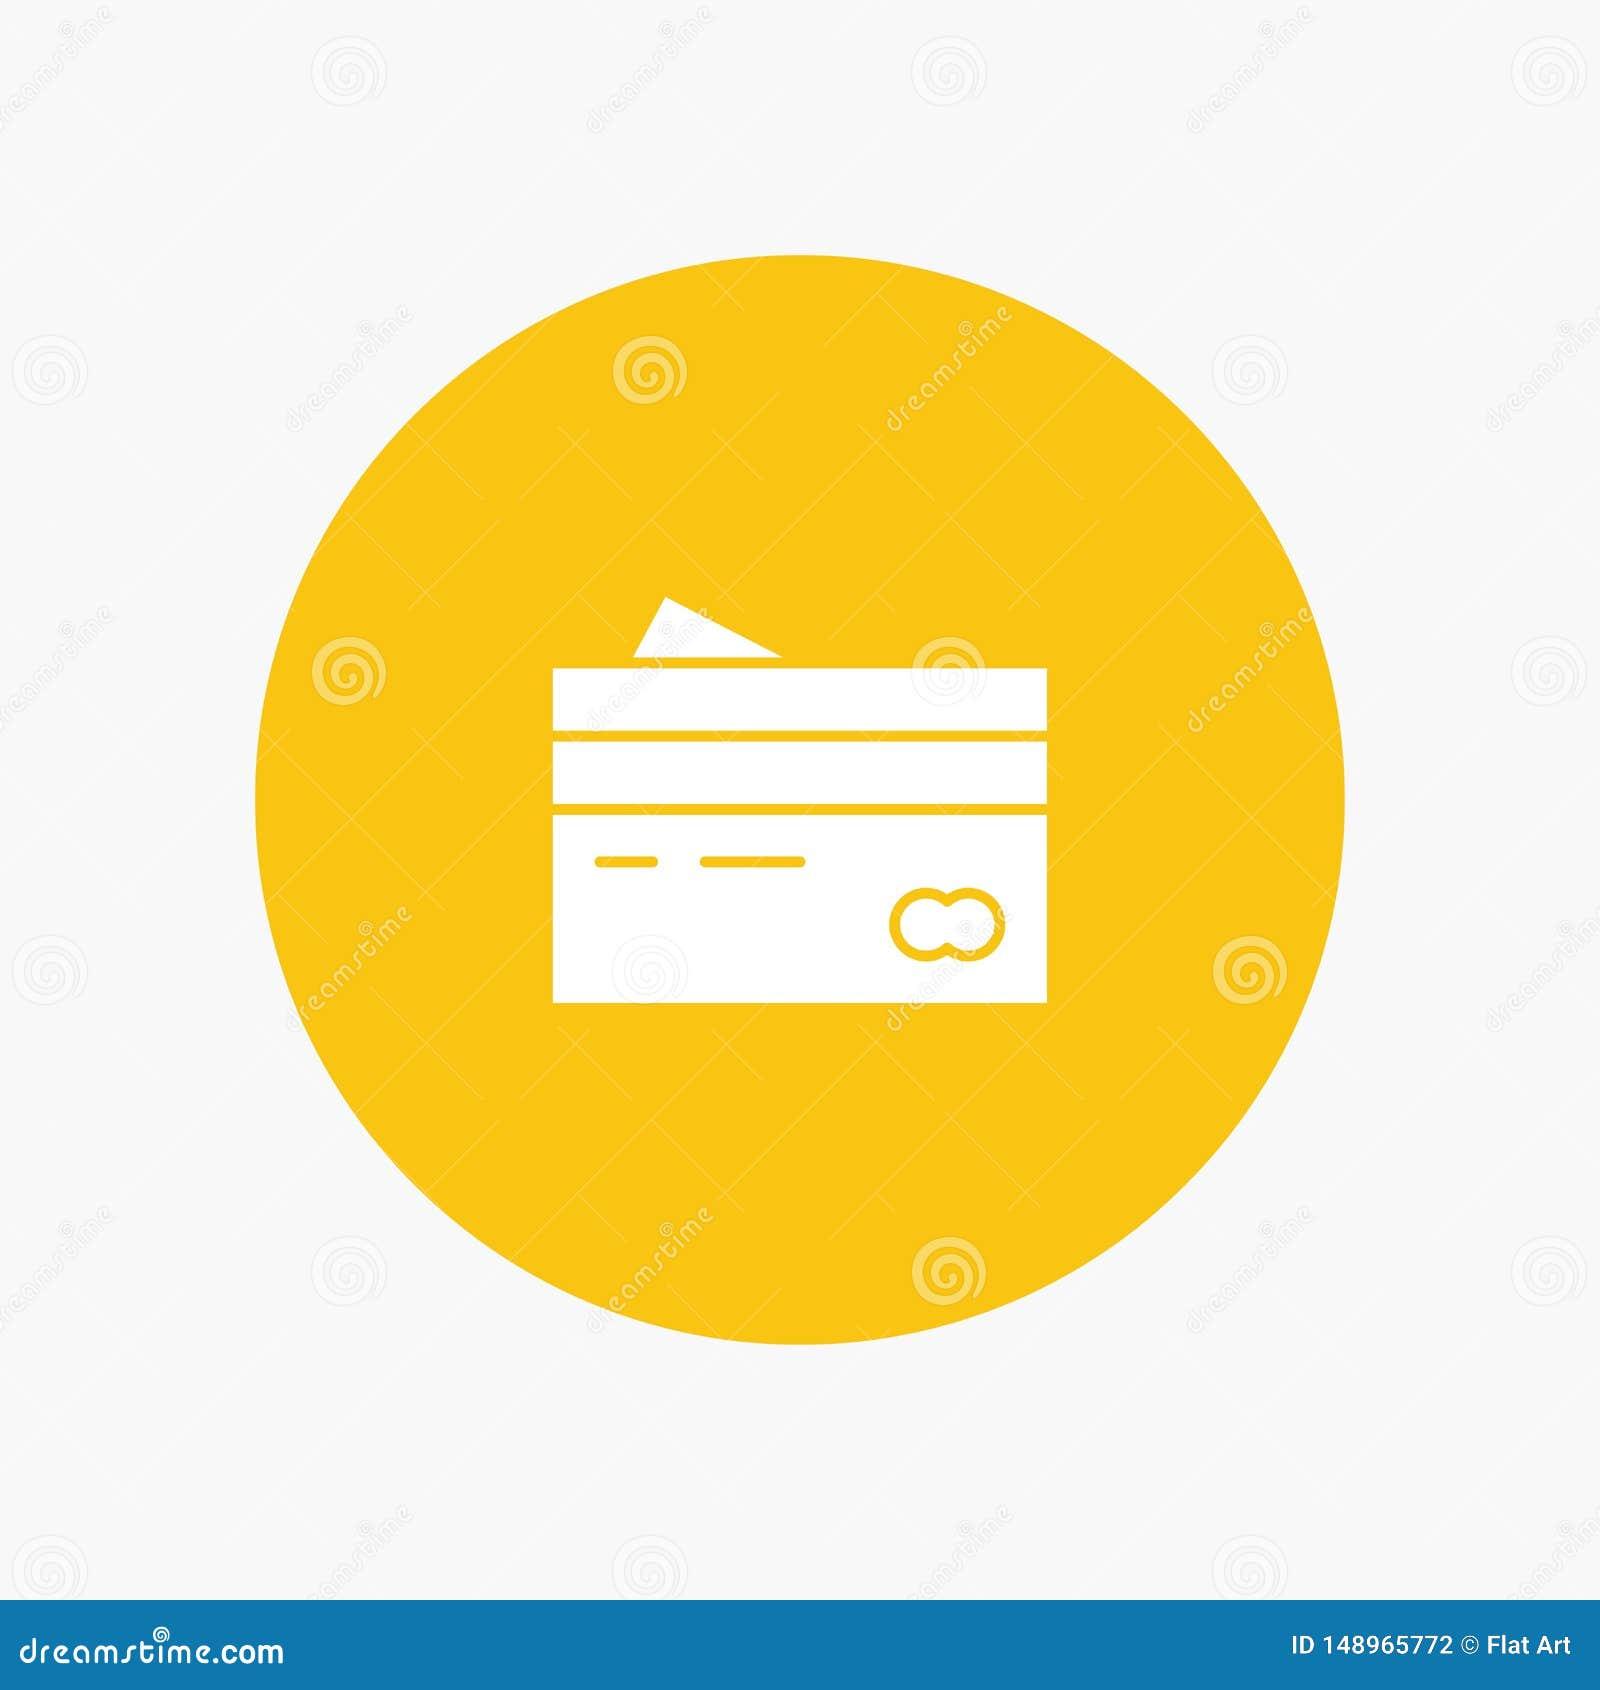 Кредитная карточка, банк, карта, карты, кредит, финансы, деньги, покупки